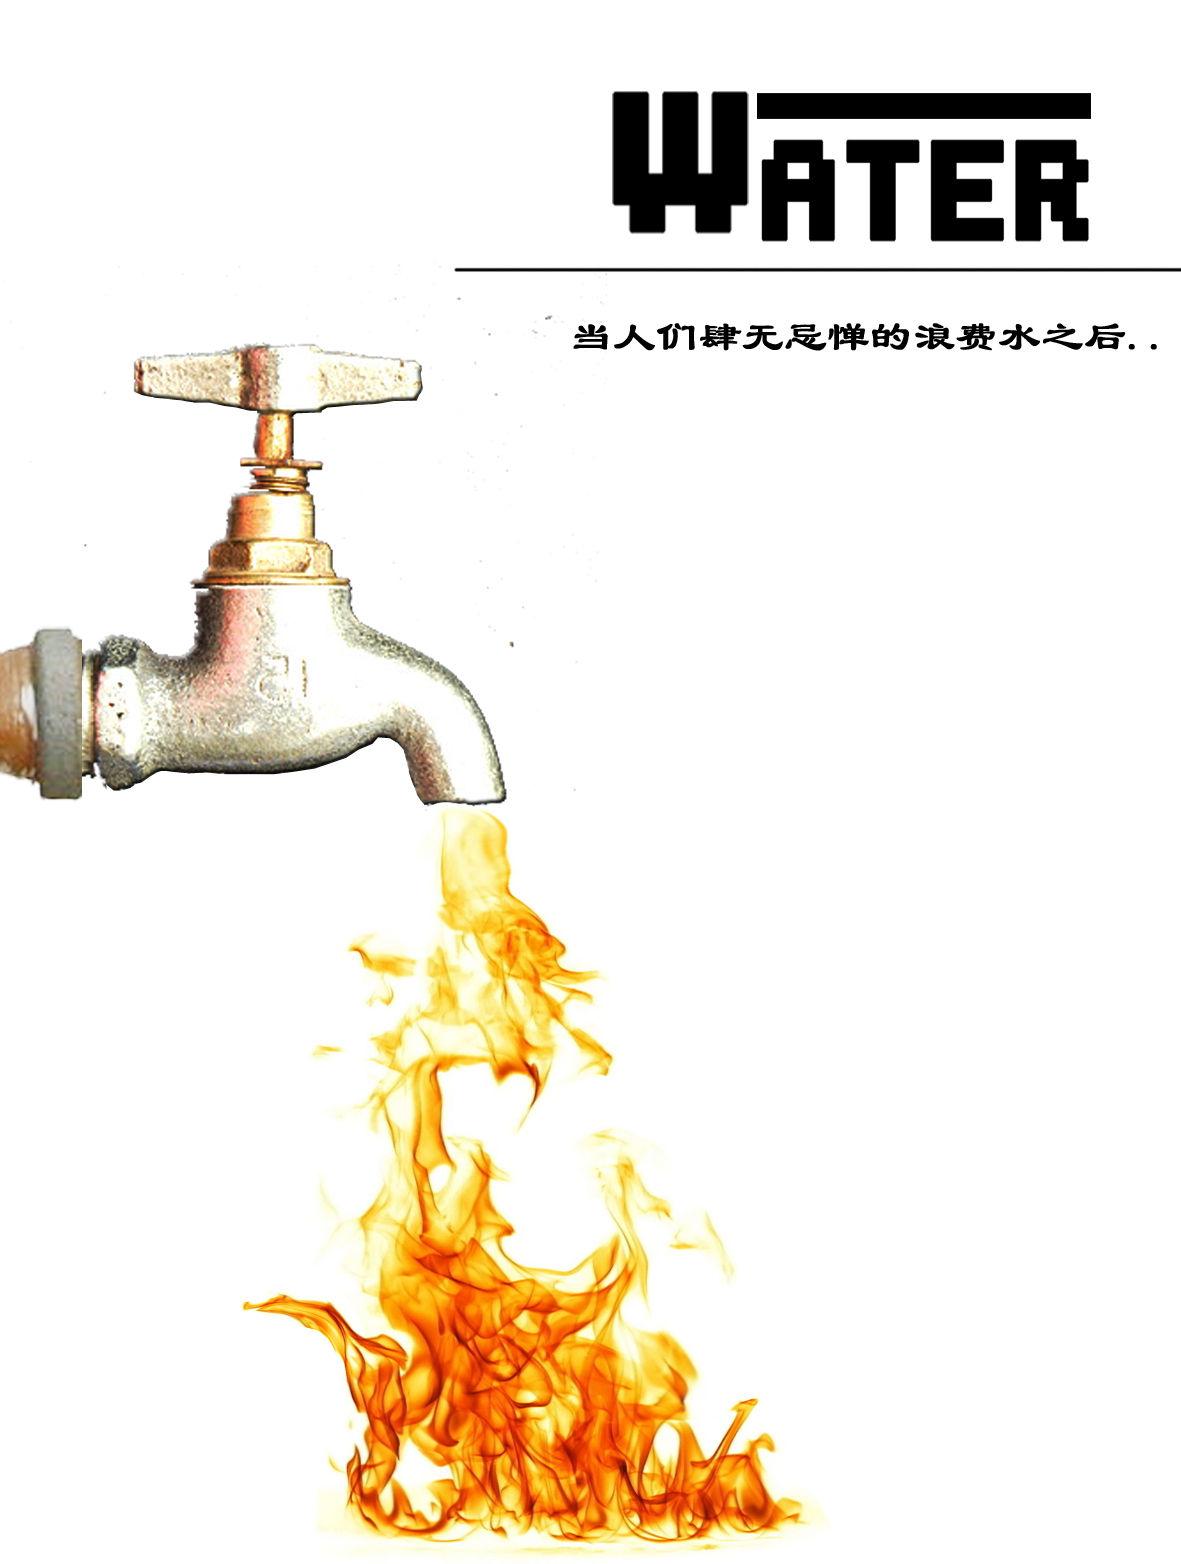 公益环保之节约用水